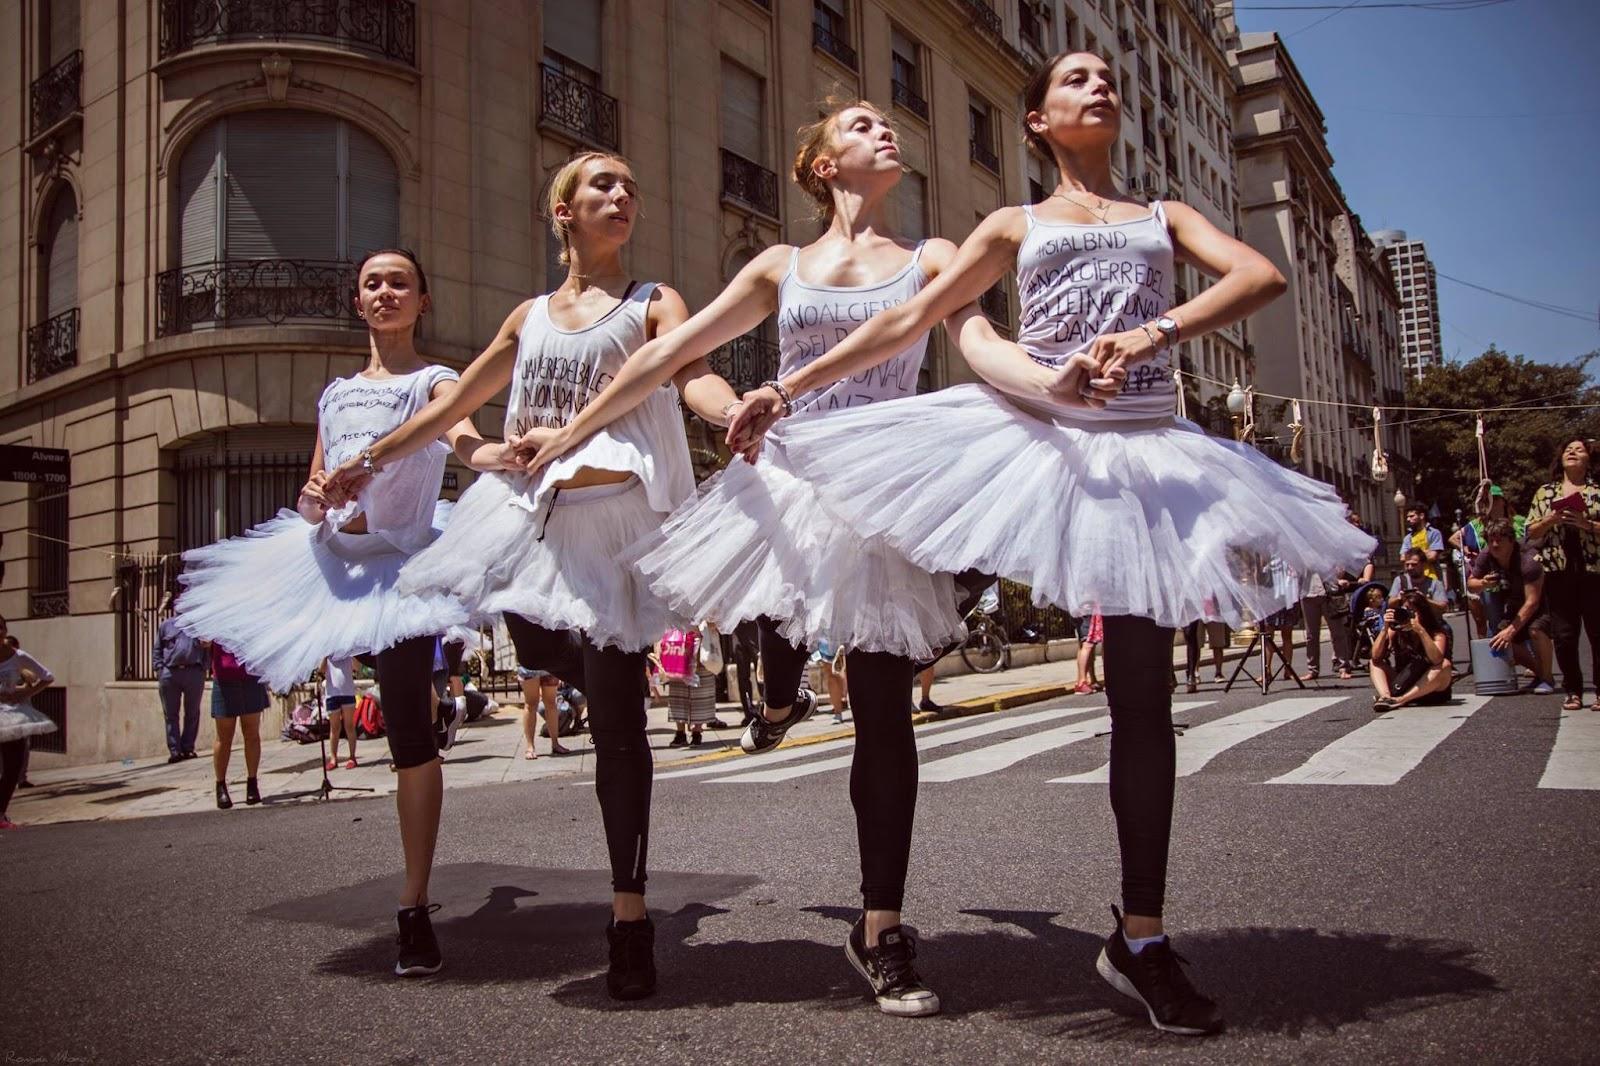 5c02dac9ab El Ballet Nacional terminó el 2017 con funciones de La Traviata en el  Coliseo